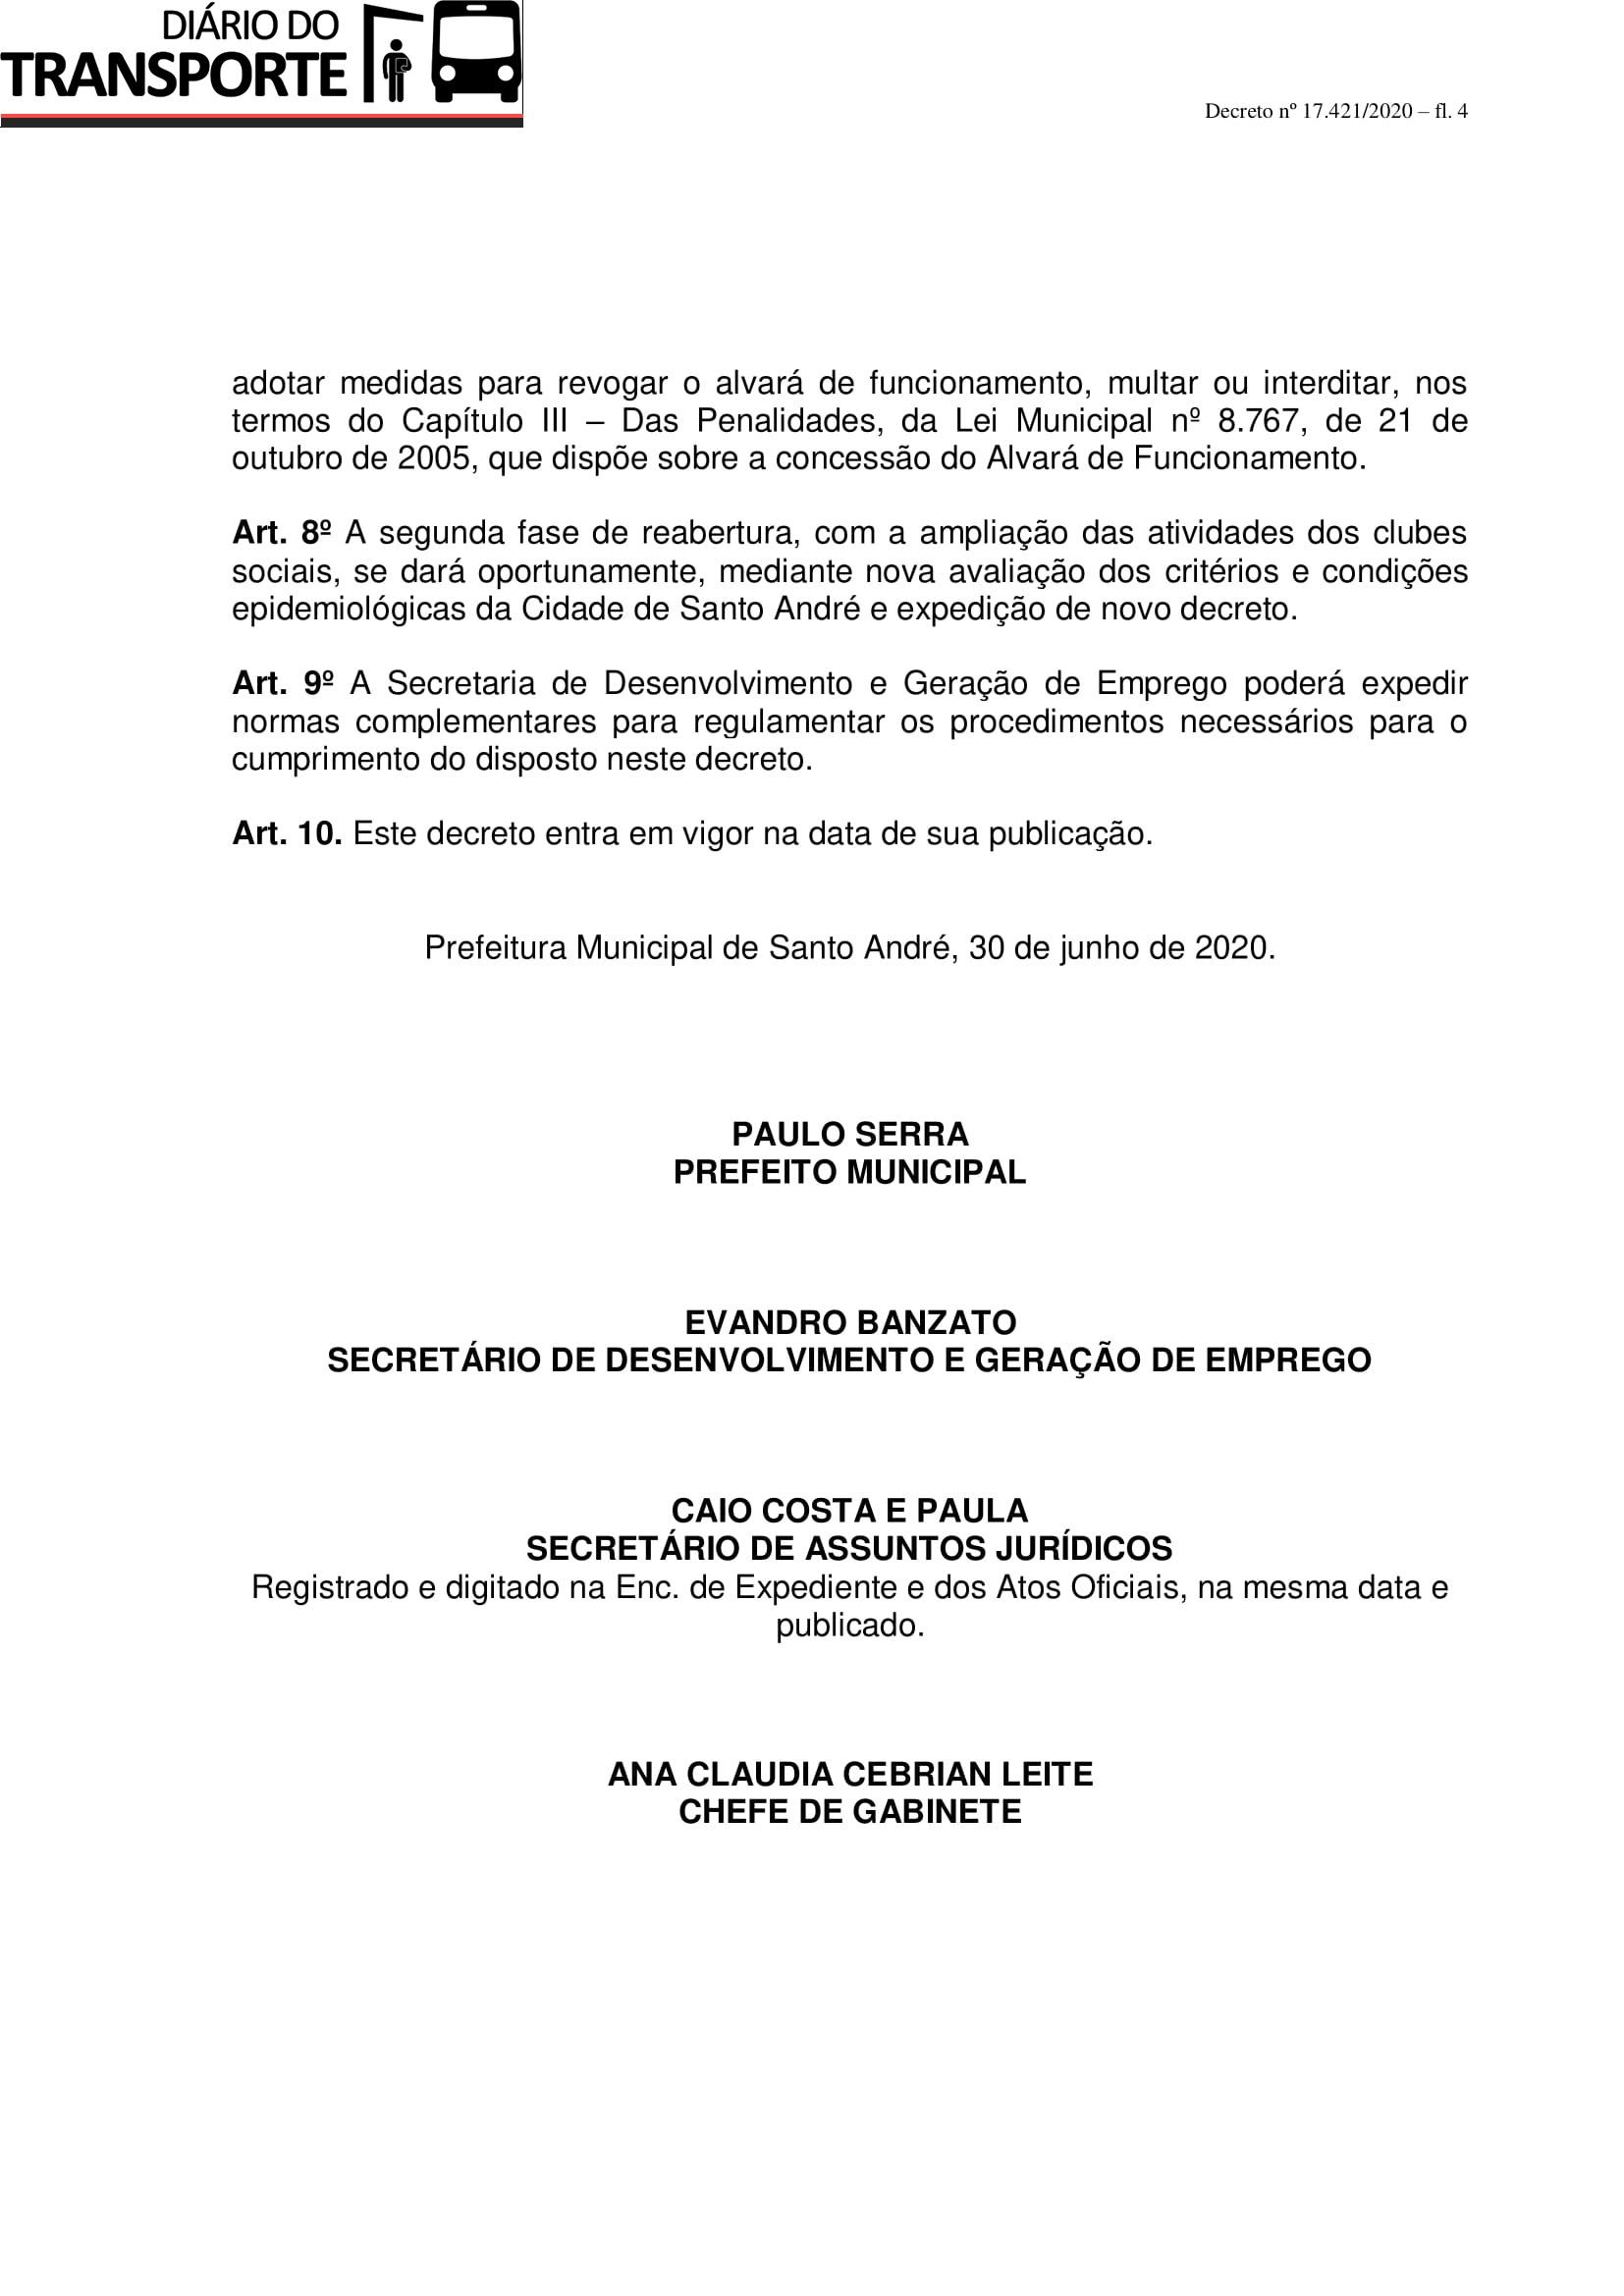 Decreto nº 17.421 (Reabertura gradual e consciente dos clubes sociais)-4